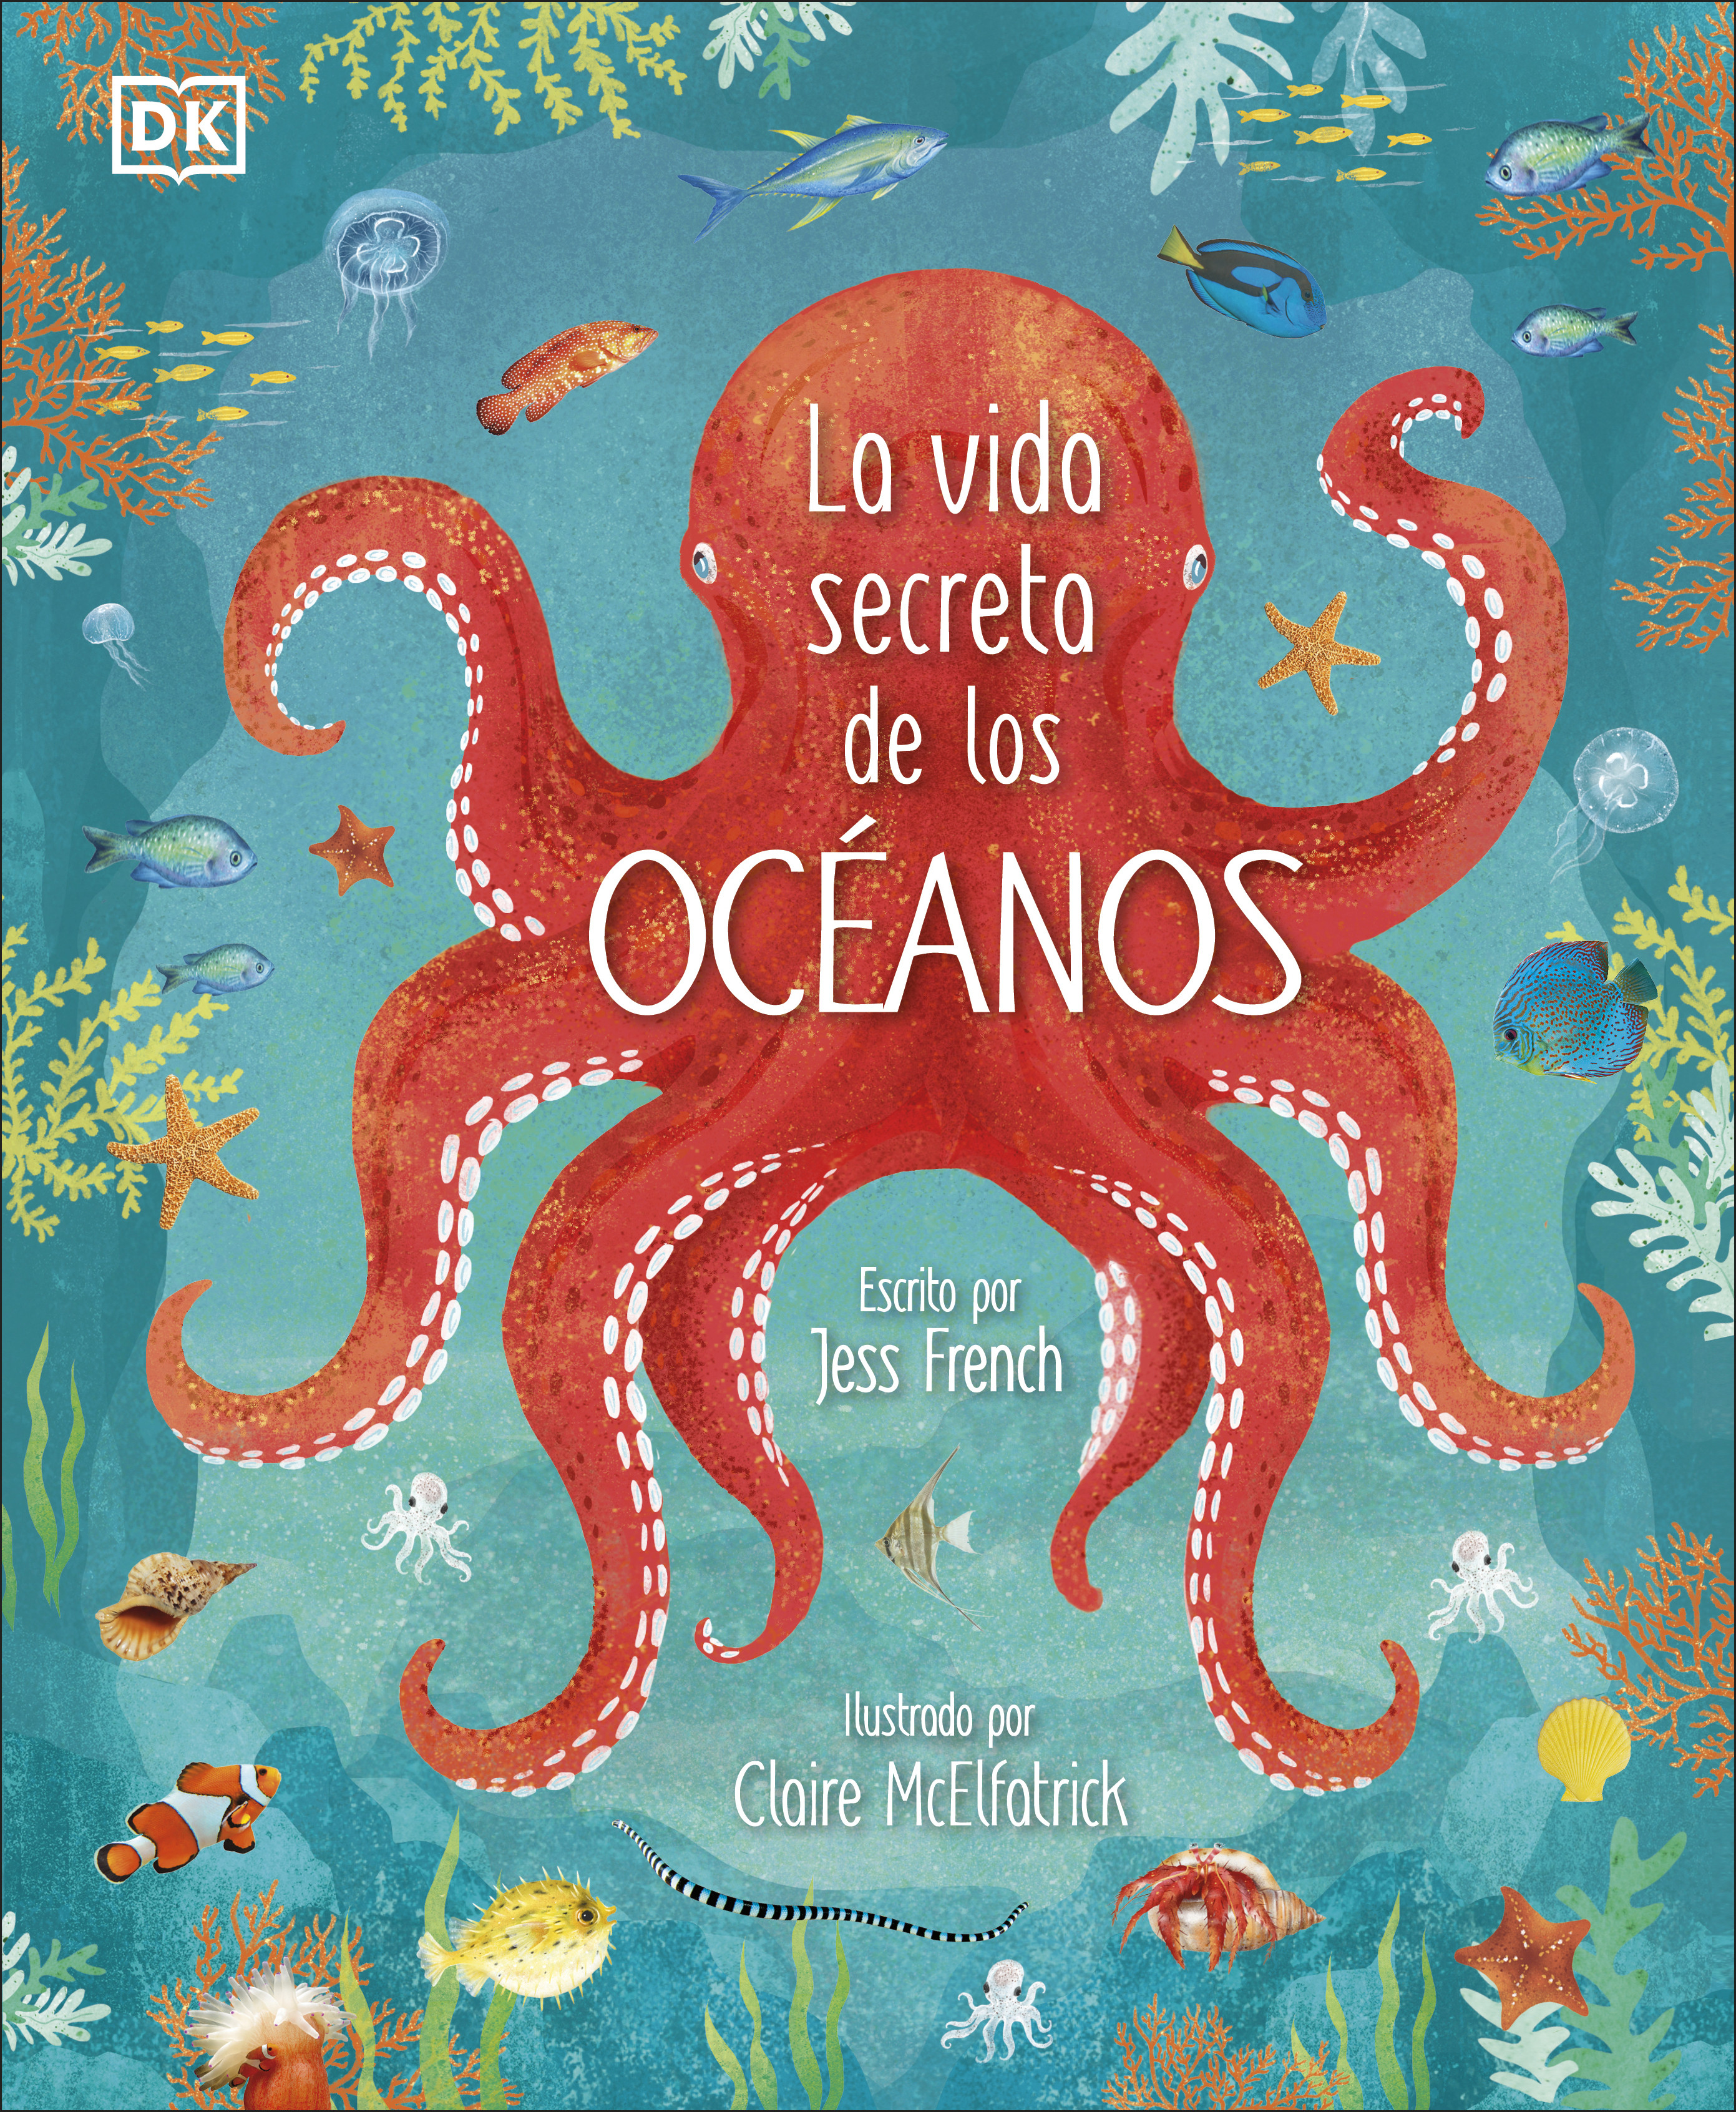 La vida secreta de los océanos